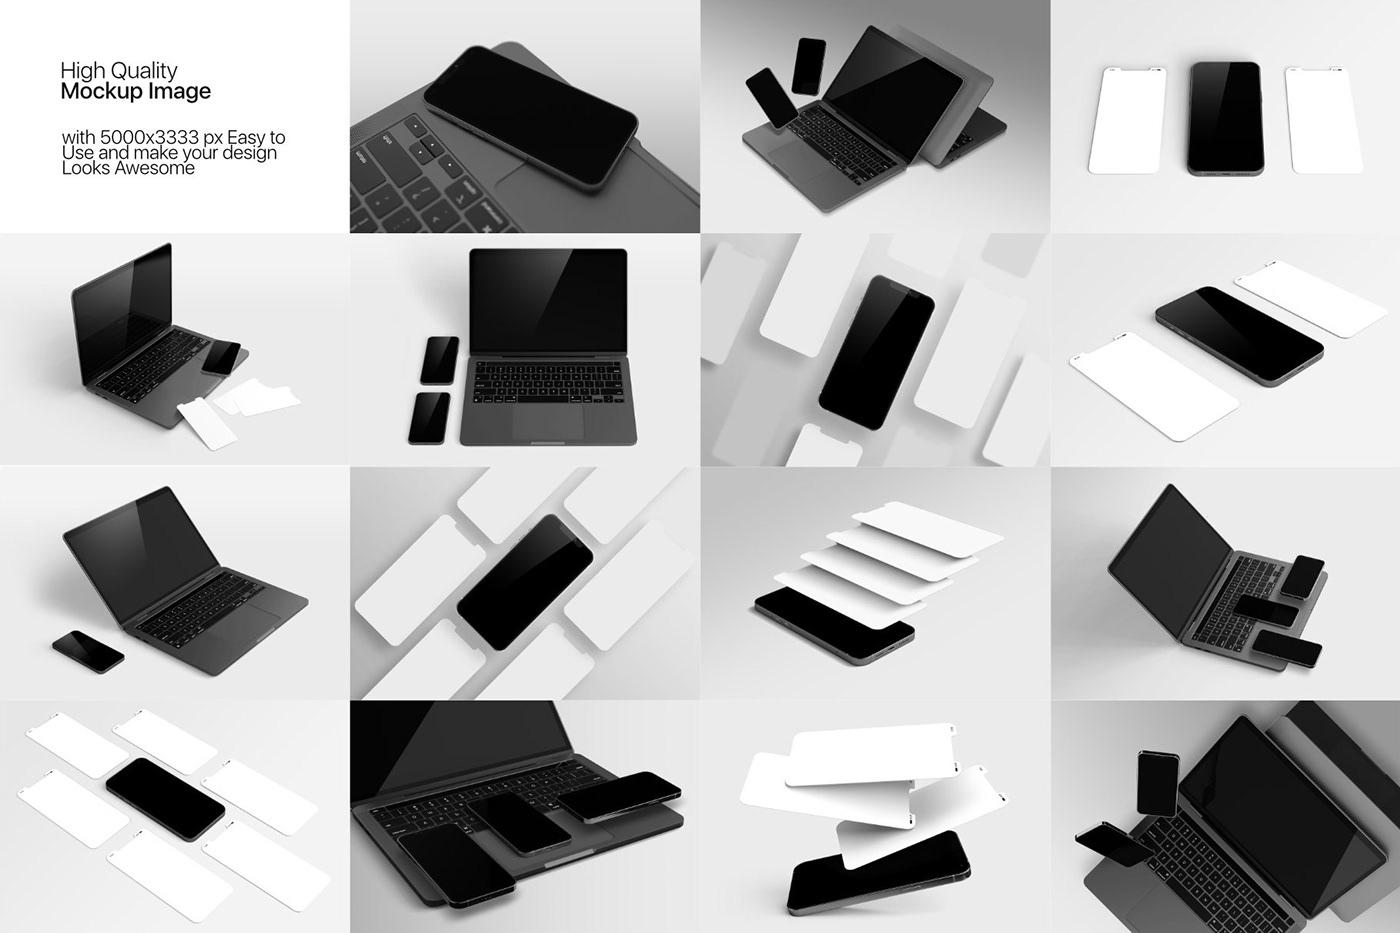 15个自适应网页APP界面设计苹果设备屏幕演示样机模板 UI/UX App Presentation – Phone & Notebook Mockup插图11